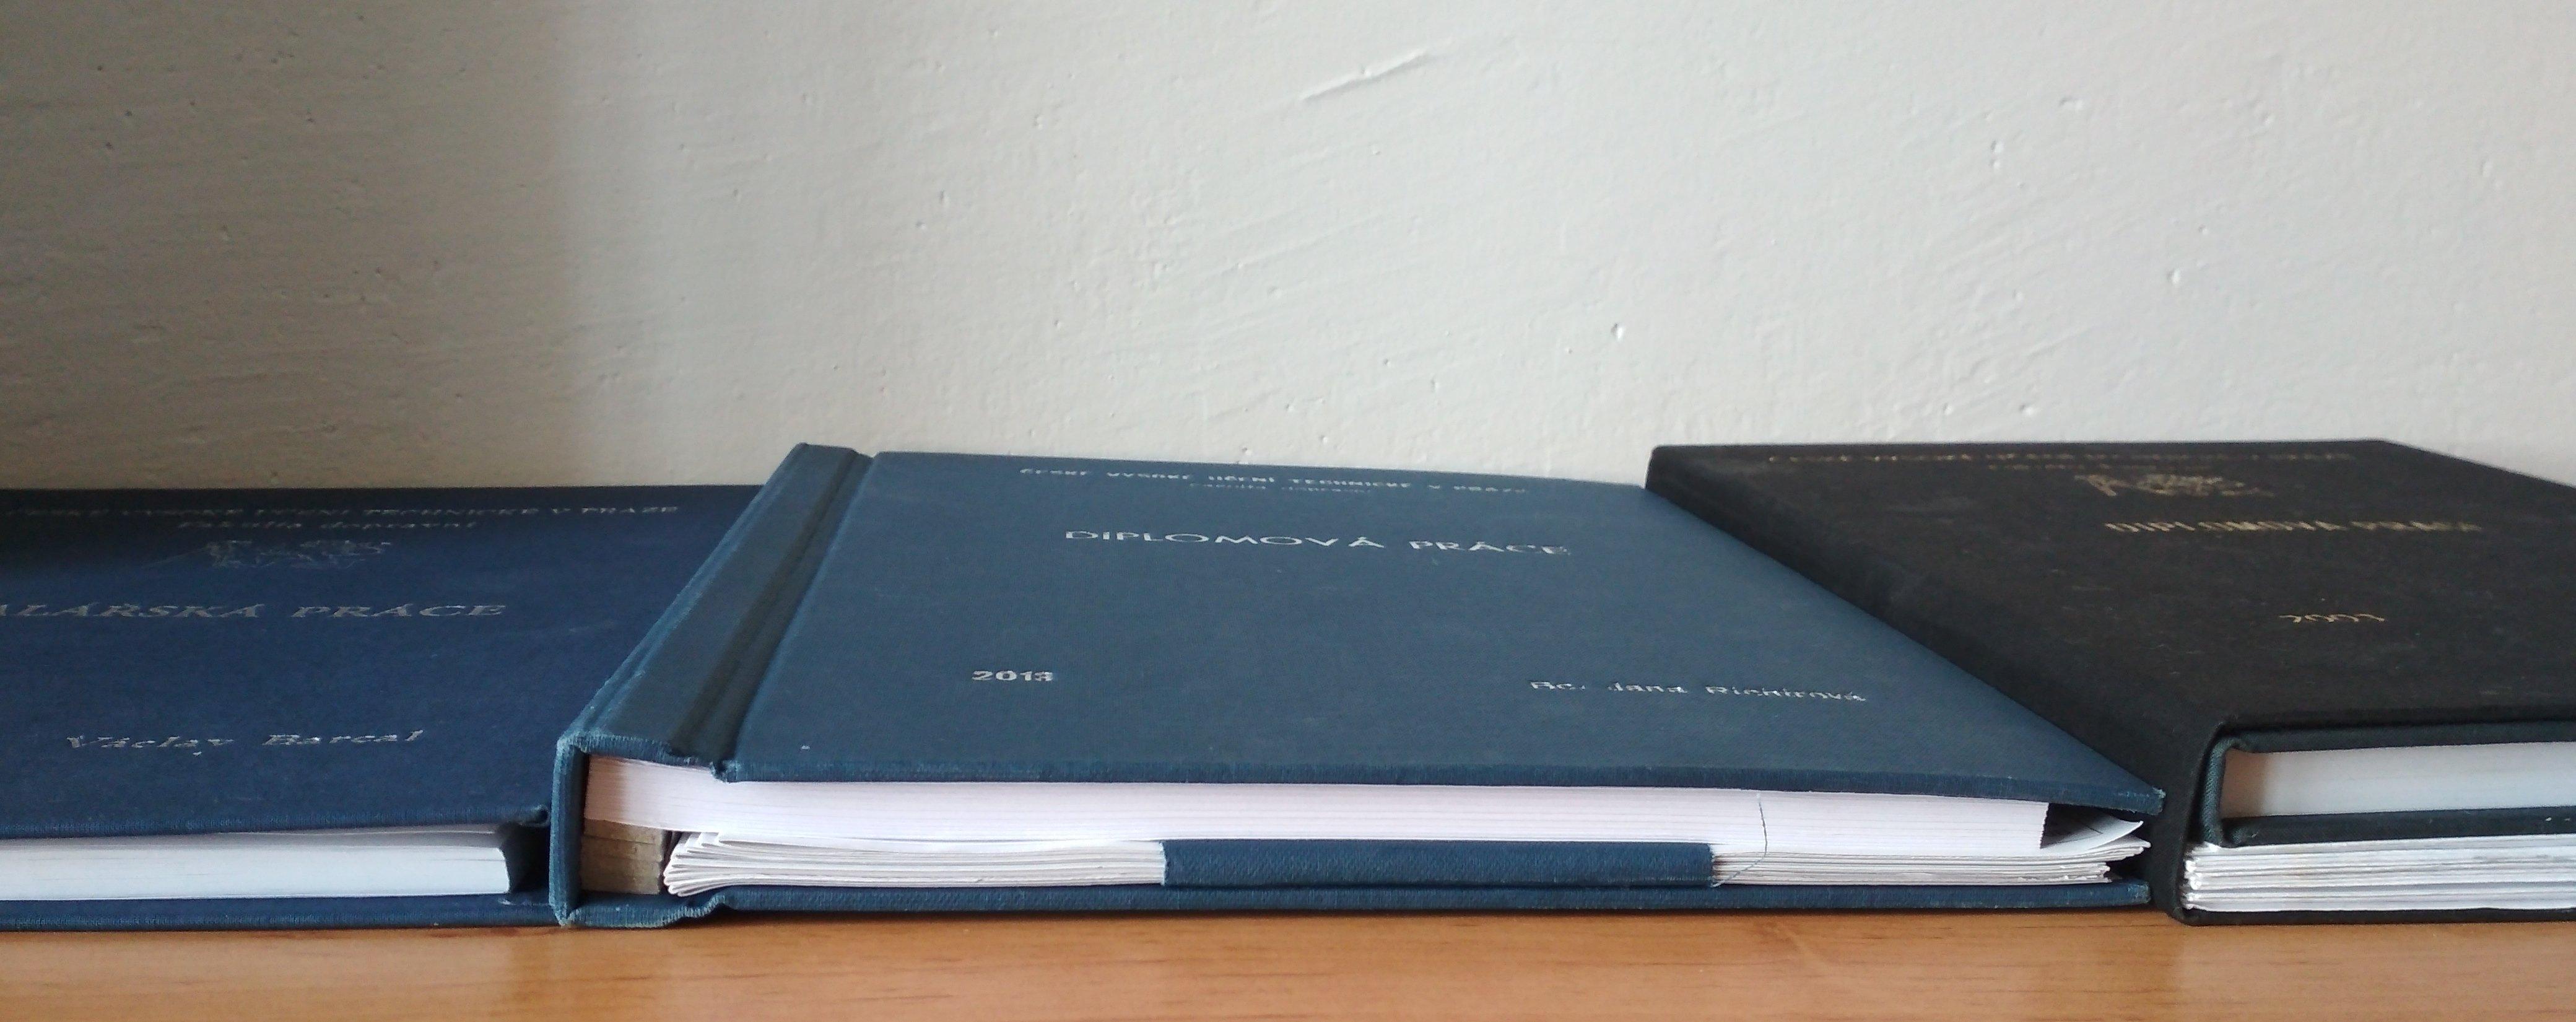 5 praktických rad, jak se popasovat s délkou diplomové práce